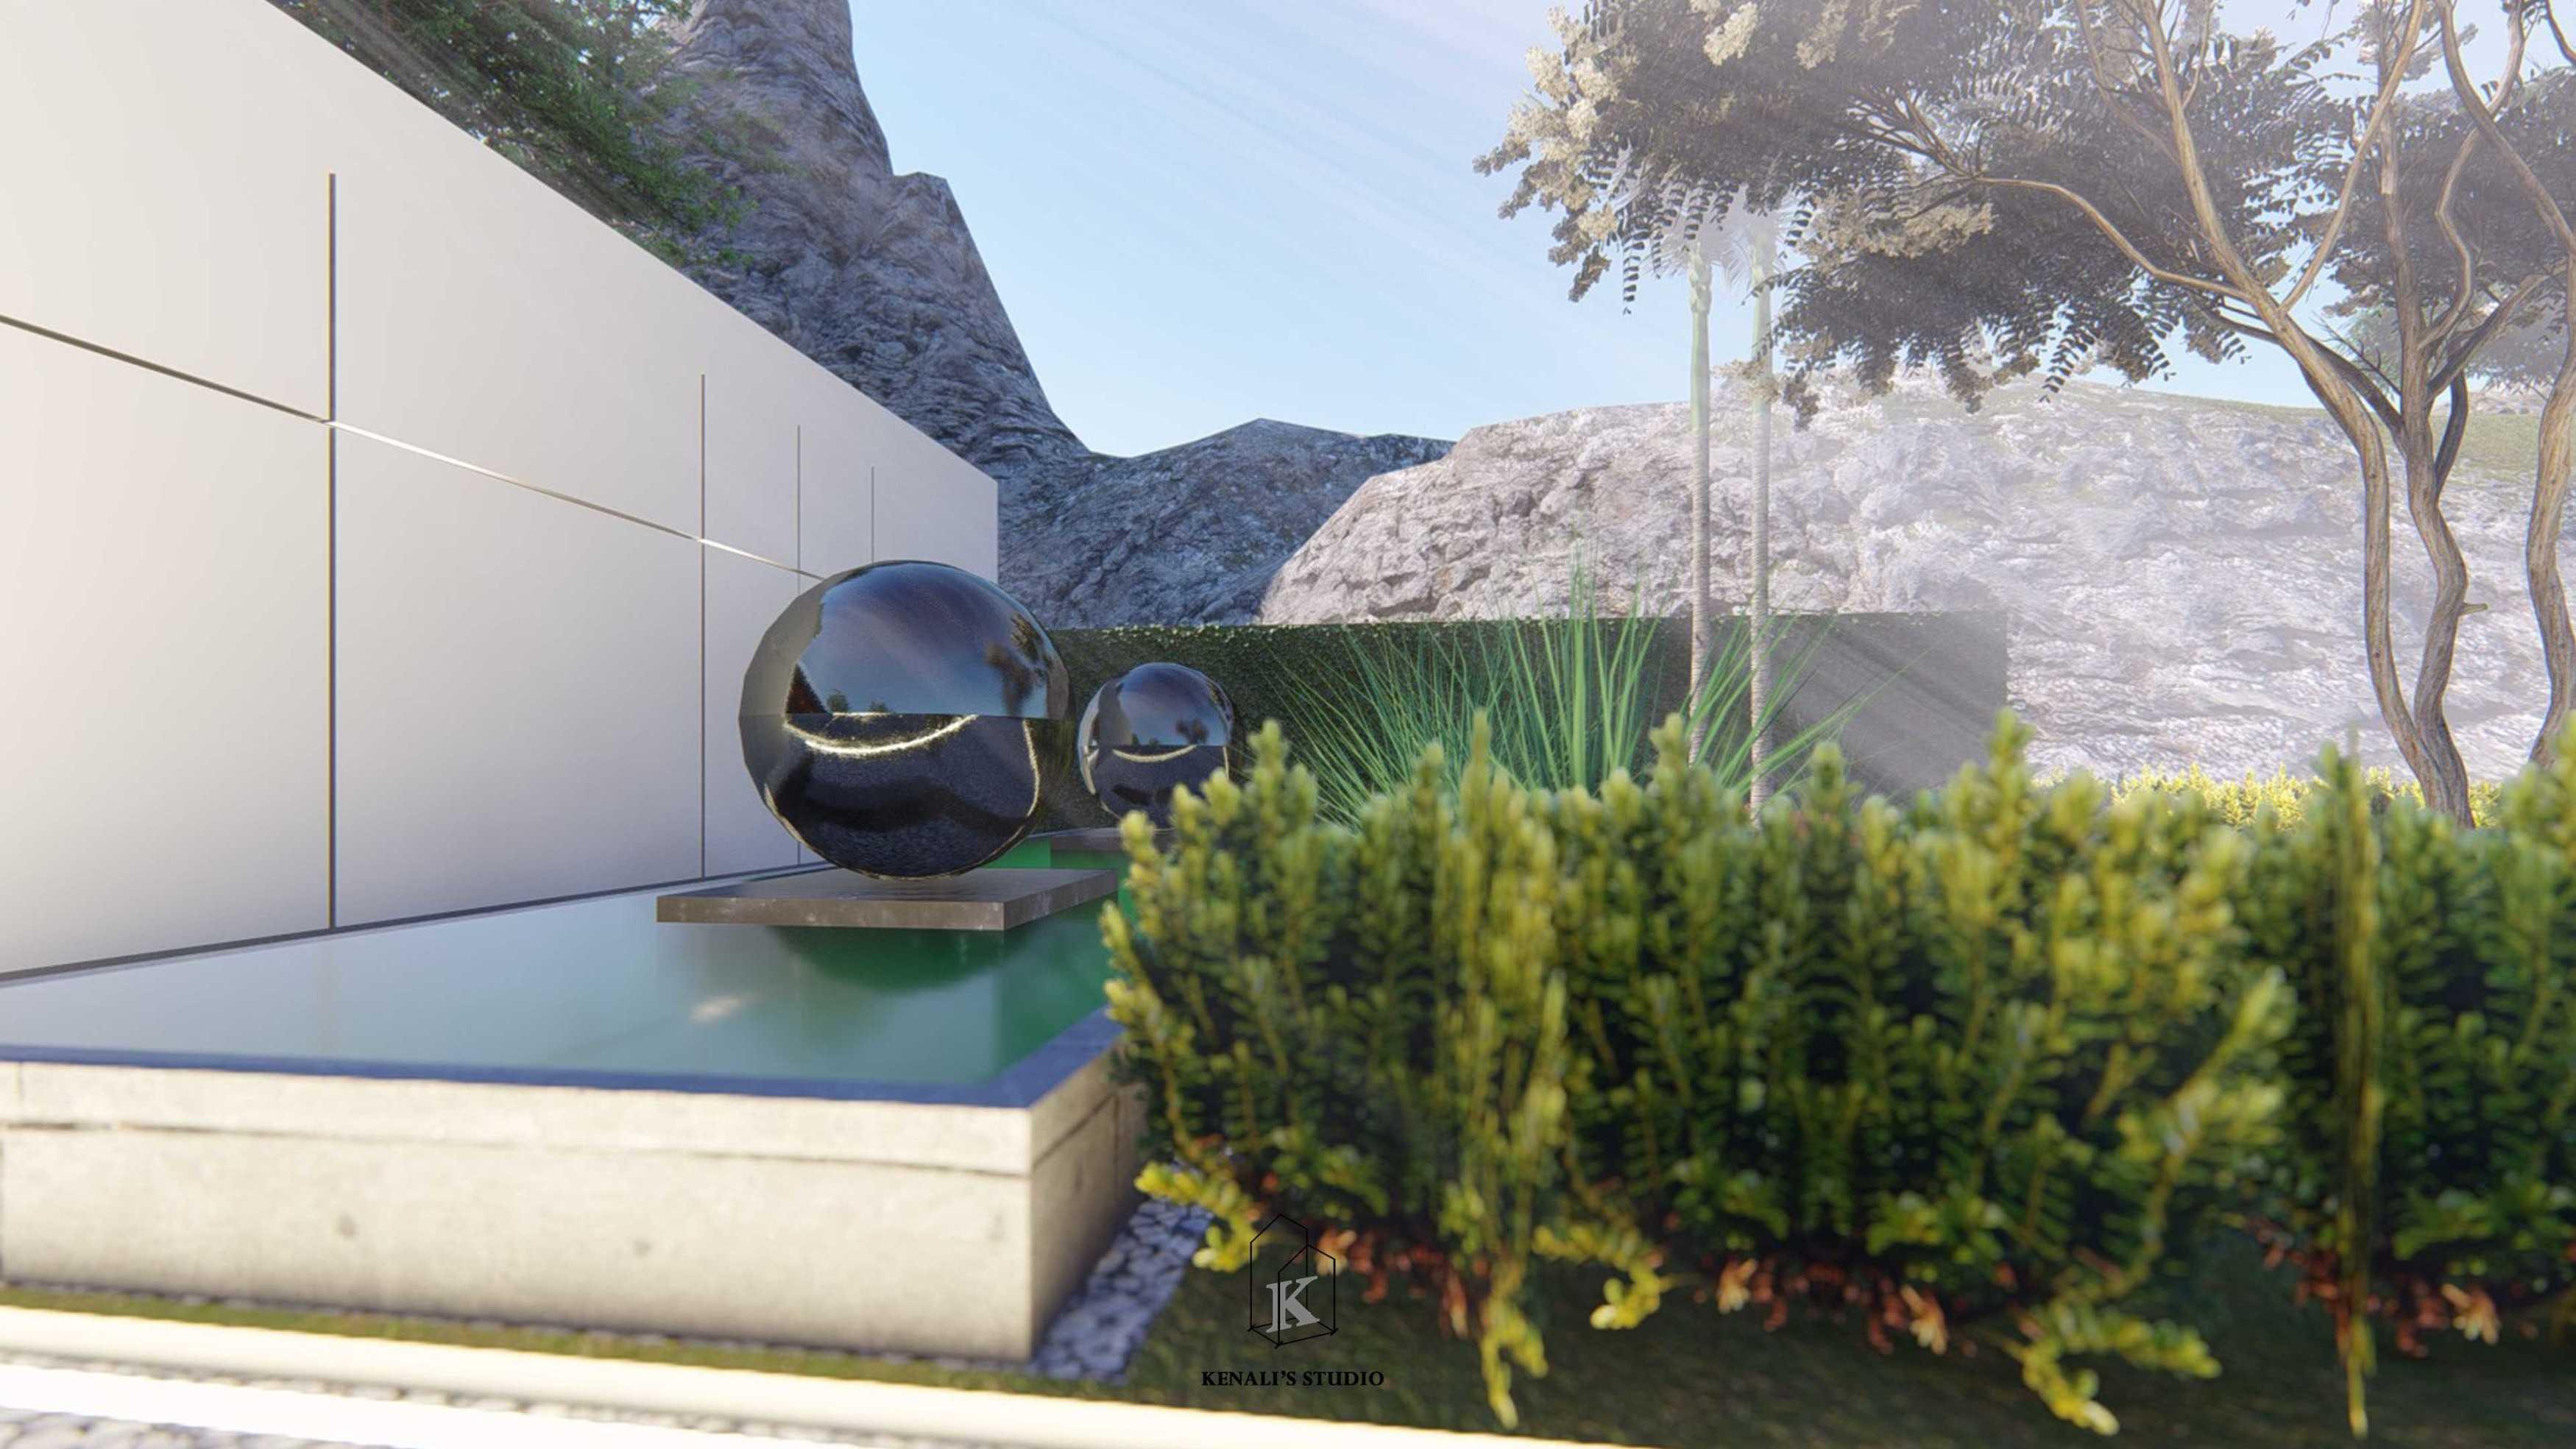 Kenali's Studio Villa Ubud, Kecamatan Ubud, Kabupaten Gianyar, Bali, Indonesia Ubud, Kecamatan Ubud, Kabupaten Gianyar, Bali, Indonesia Kenalis-Studio-Villa Modern  93598